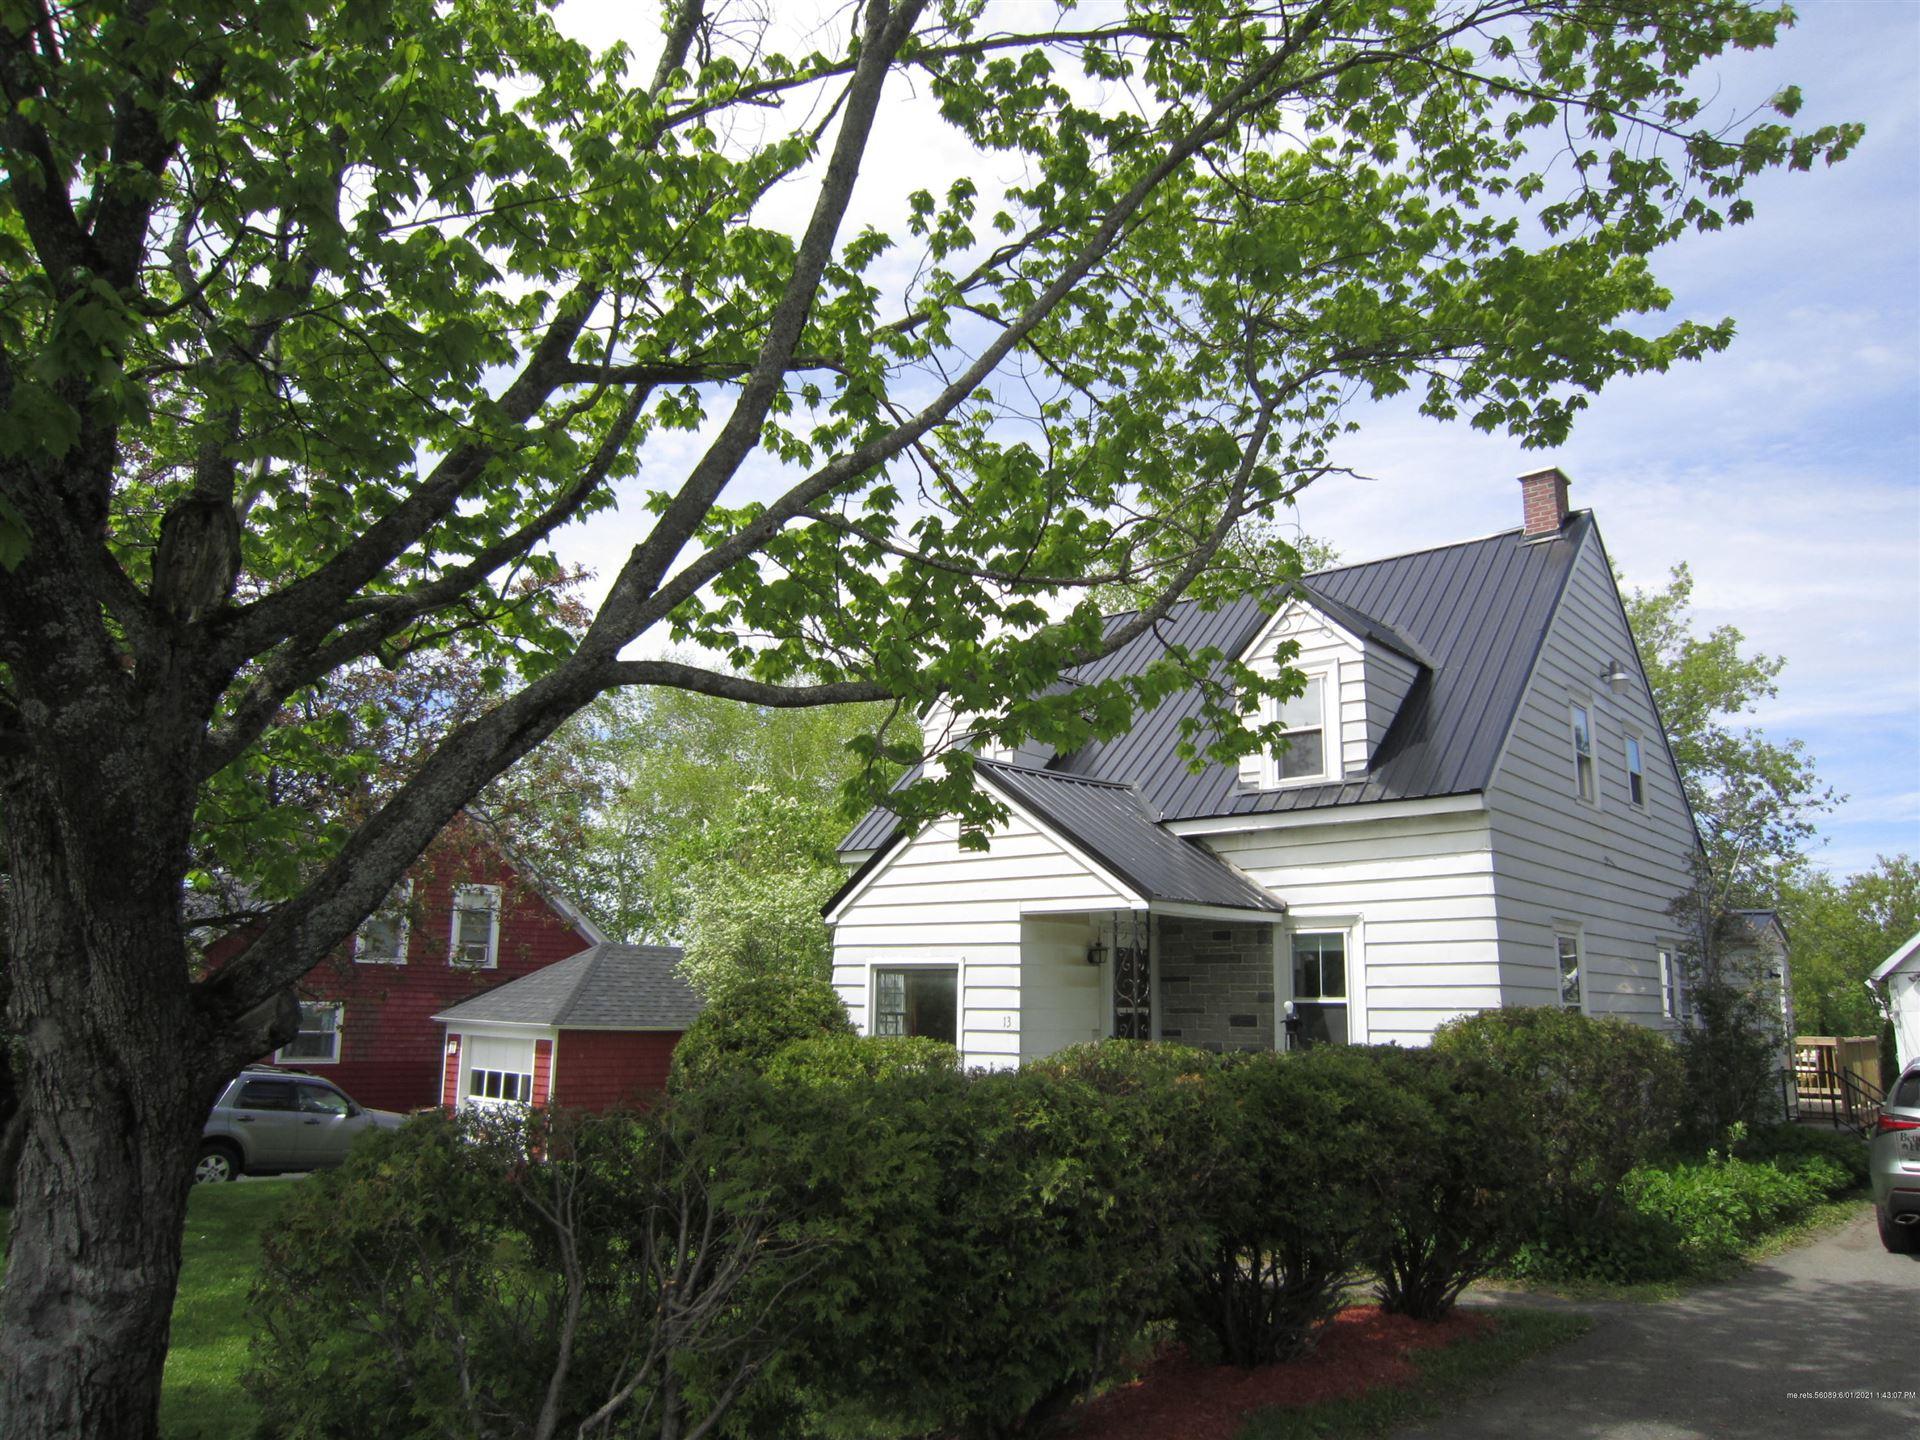 Photo of 13 Pleasant Street, Presque Isle, ME 04769 (MLS # 1494084)